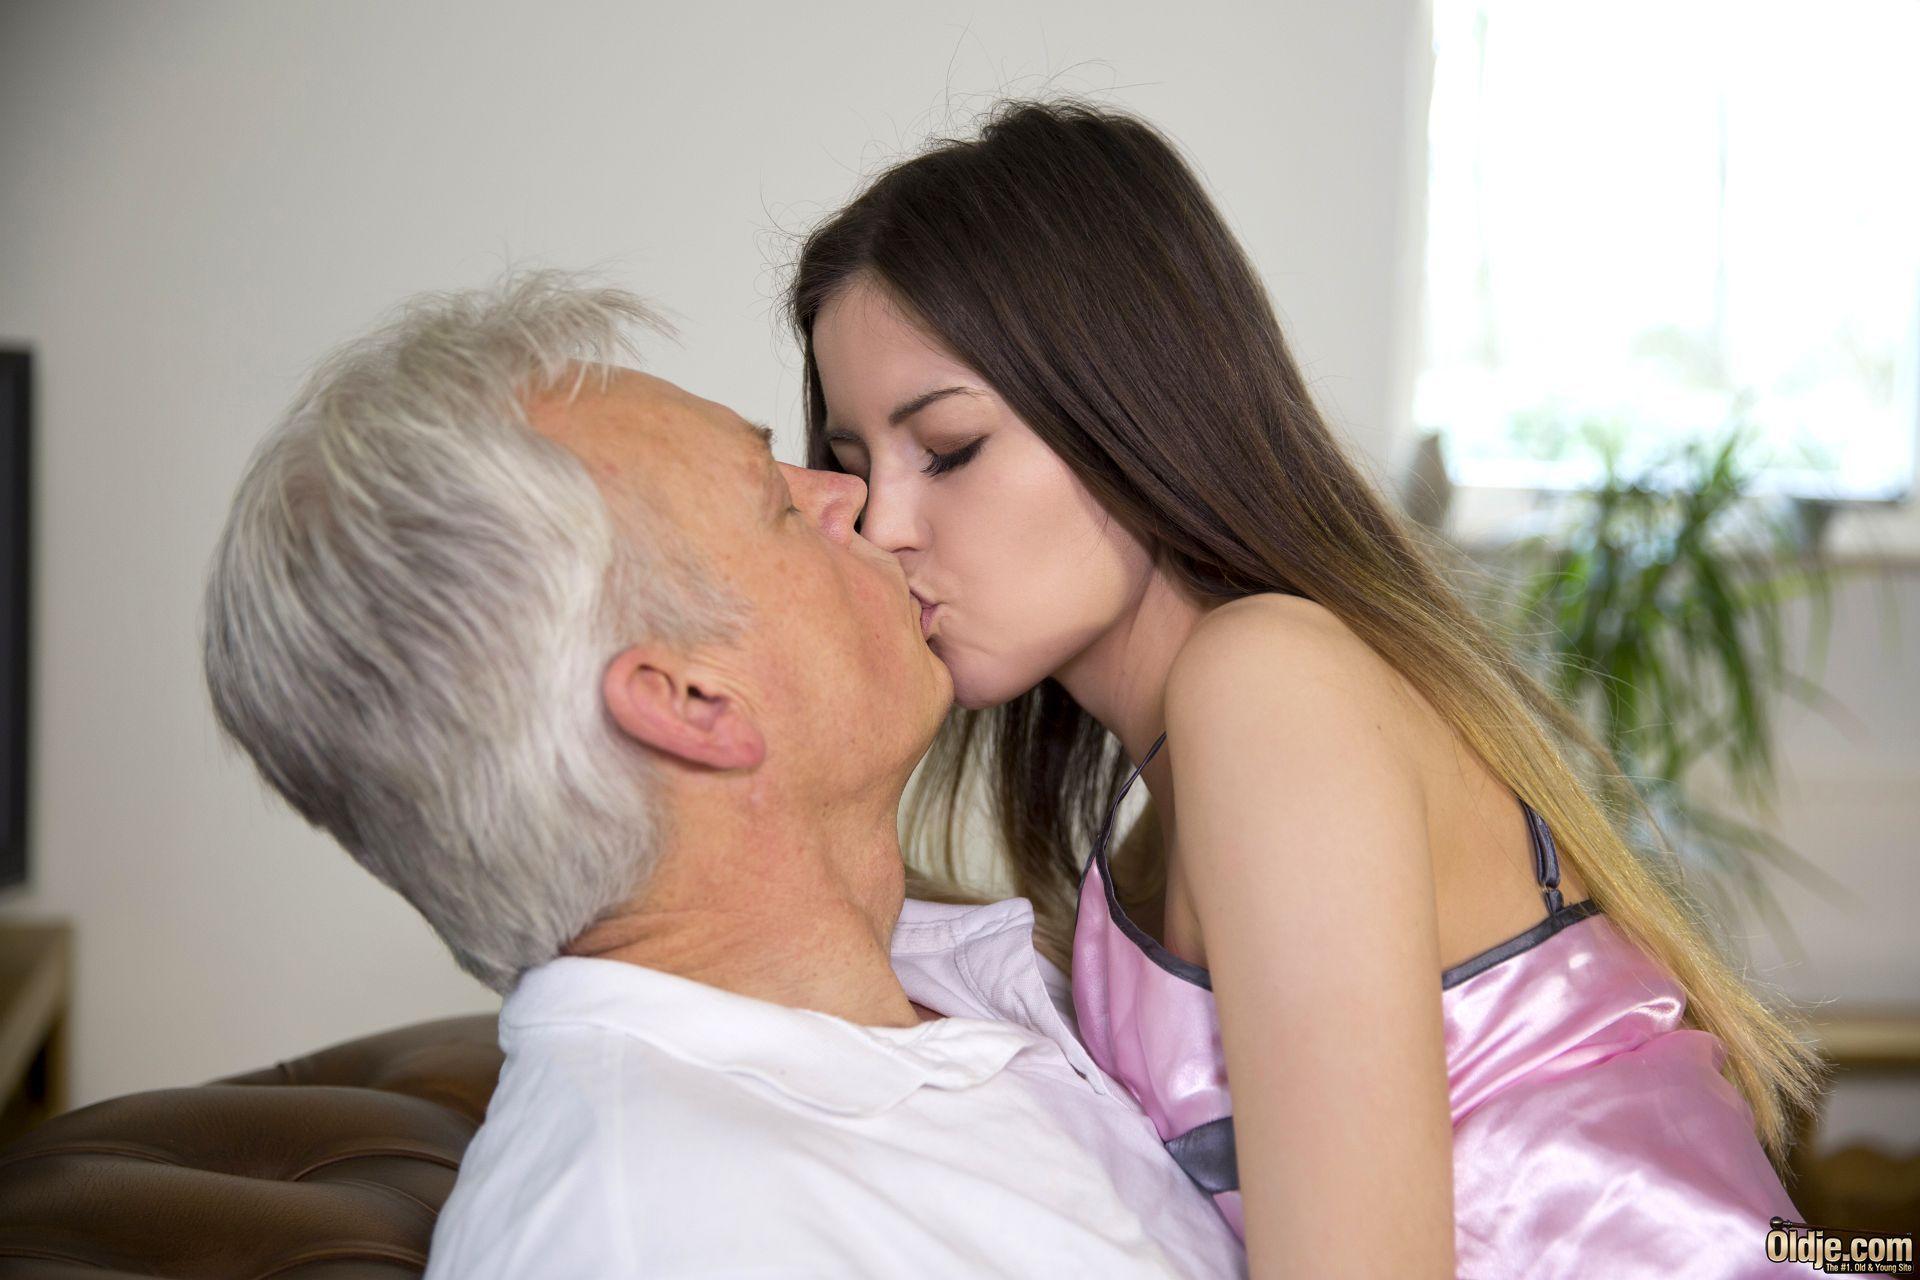 Old man fucks beatiful woman